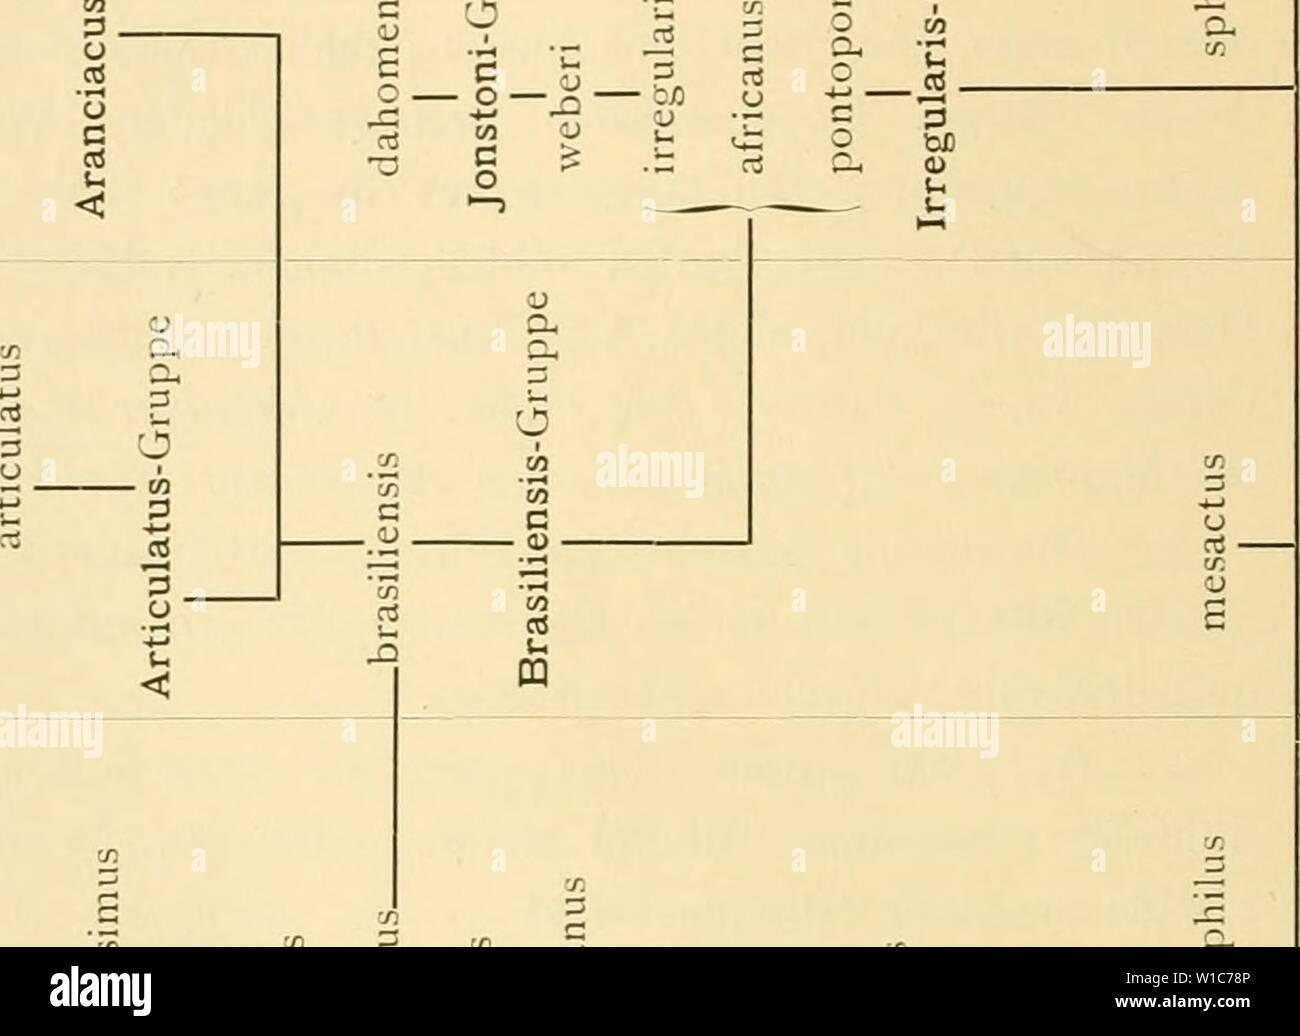 Archive image from page 55 of Die Asteriden der Siboga-Expedition (1917). Die Asteriden der Siboga-Expedition . dieasteridenders4619171936dd Year: 1917  z a u    byj 3 e n) u c/: .o ä. o CS u c <u X n Q< 1) c  9- O D. Dh (/; Cu C  Q- 3 3 O t) -â (U u 'Â« u, ,cn rt o o J r-'  ._ <U u -t-< â 4-» CS c8 'T J C p  O 09 3 CS C ''Sj- es cS 3 tfl VI (/l 3 u X .-d o u O 3 _ .5 u 'n Oh 3 S U o - â p 1-  a    u nJ V. Q-i <u p, C  o ⢠4 , CO X o â  W sxi - â 3 U rt â J-» > CS CS n lU C .3 CD > CS (U t/1 (L) J3 O o CS bx) CS o E 3 c CS CJ CS 3 o 1. c 'S) g 6 ex 3 O O-, 3 (1) TS O e - Stock Image